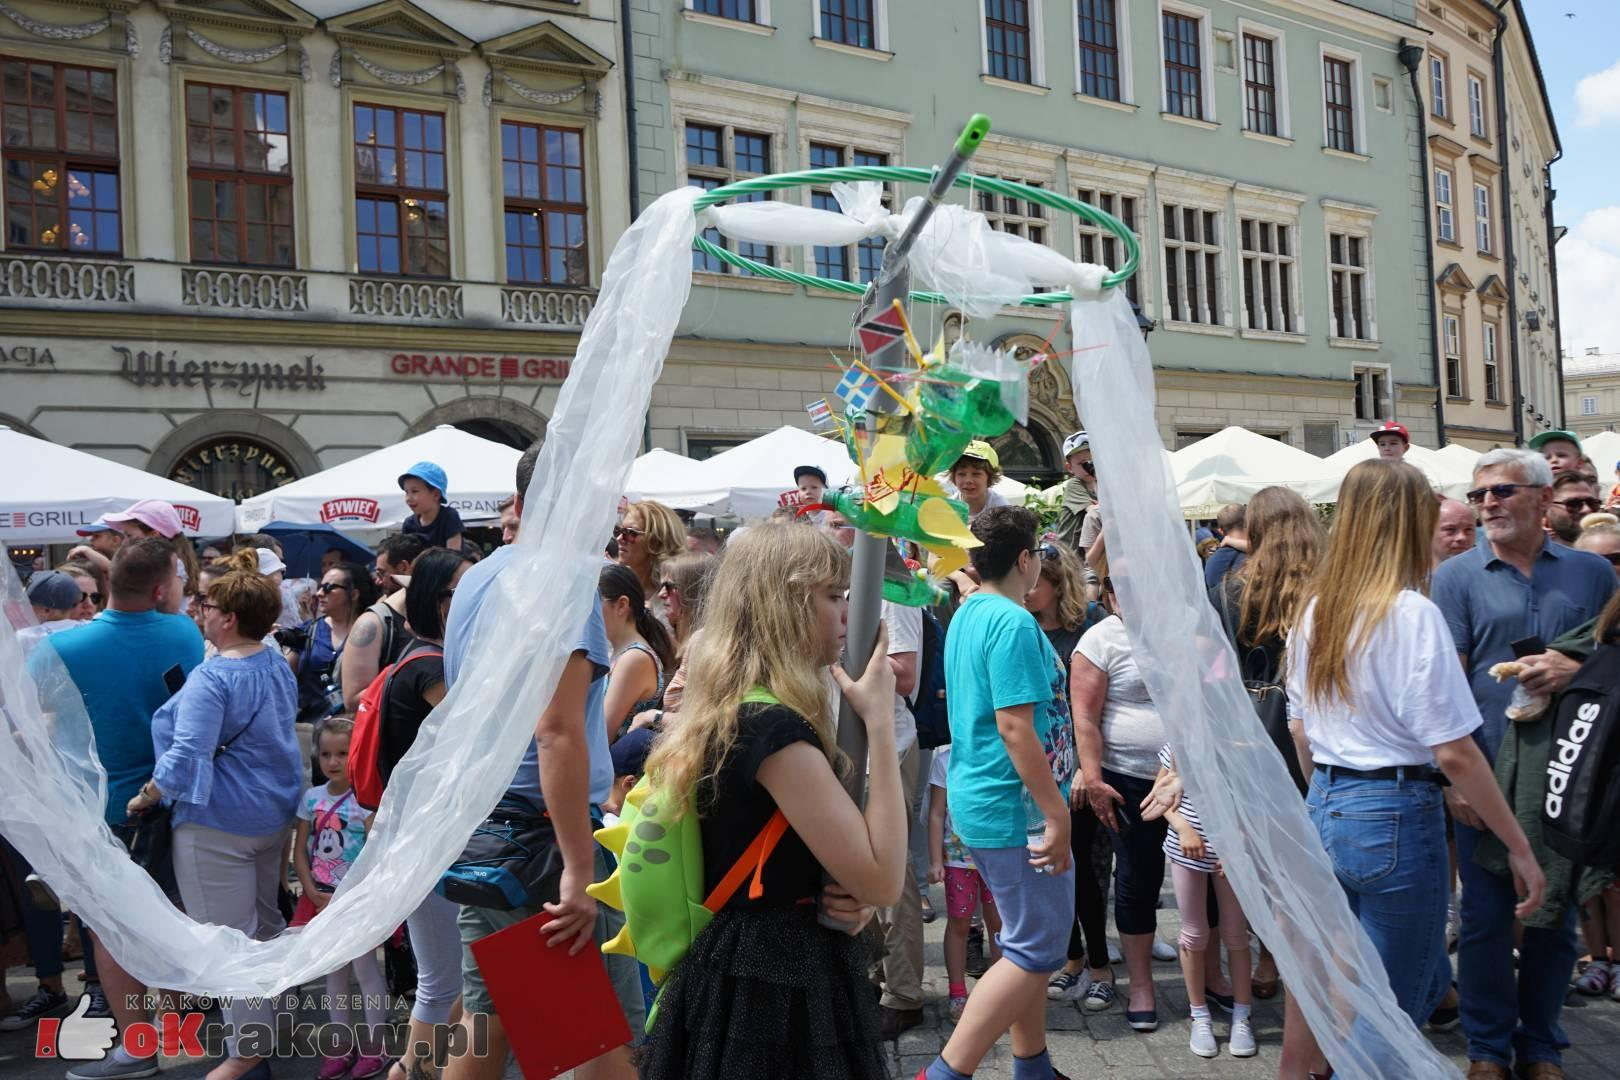 wielka parada smokow przeszla przez krakow w 40 smokow do okola swiata 2019 31 150x150 - Parada Smoków przeszła przez Kraków. Obszerna galeria zdjęć - 2 czerwca 2019 w Krakowie